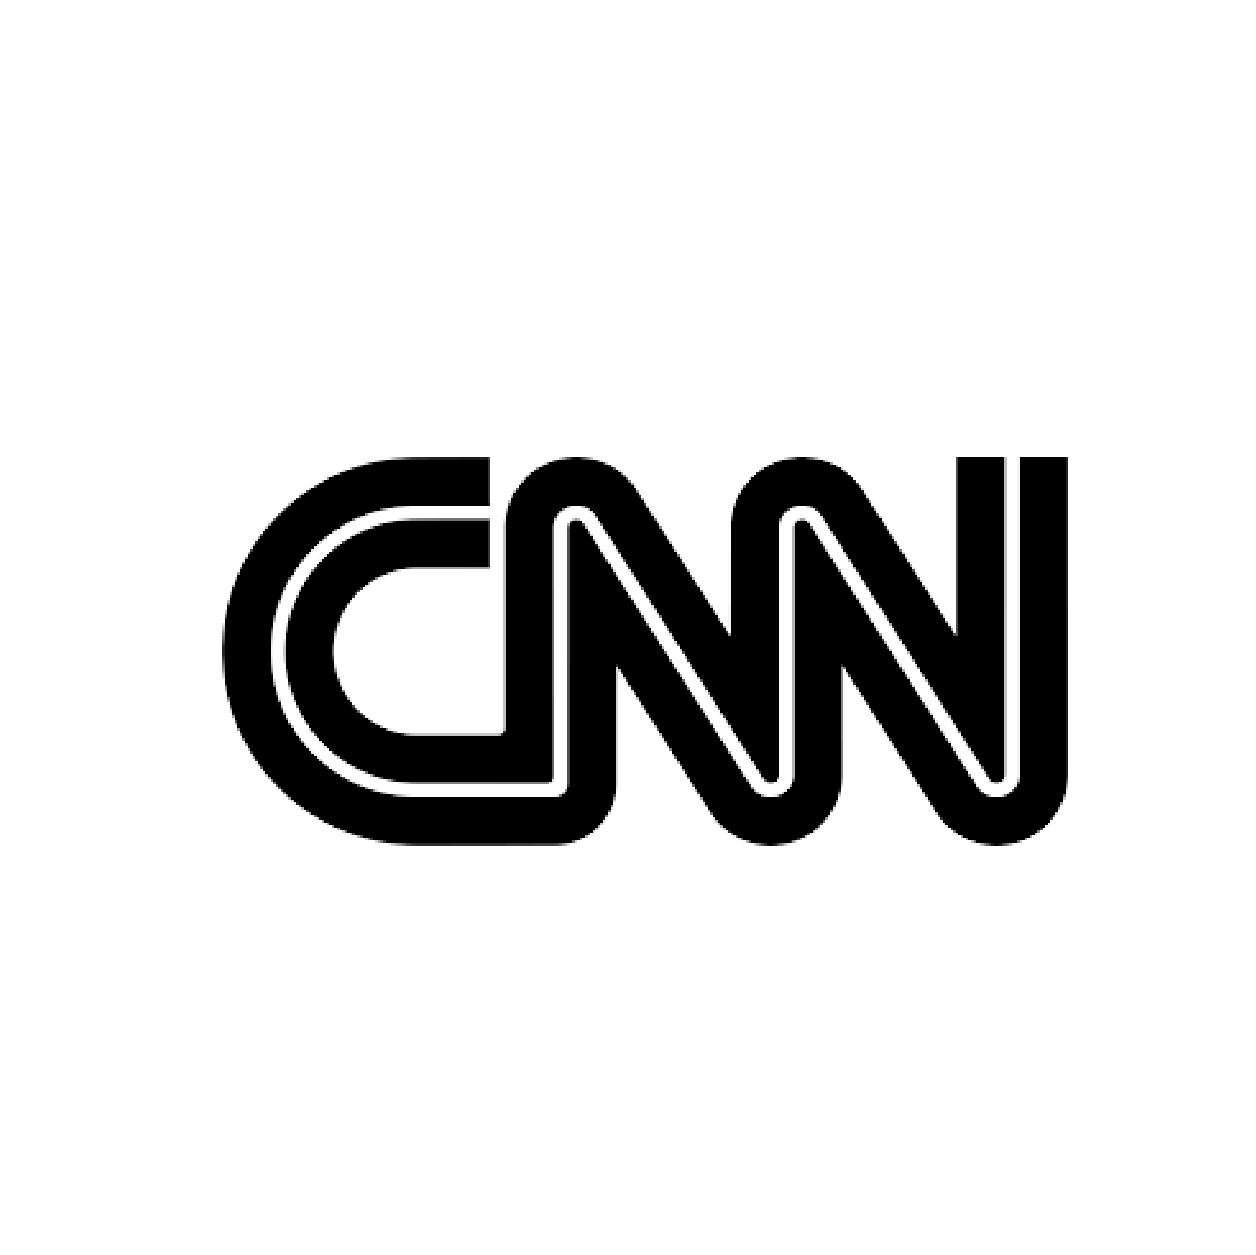 CNN_BlWh.png